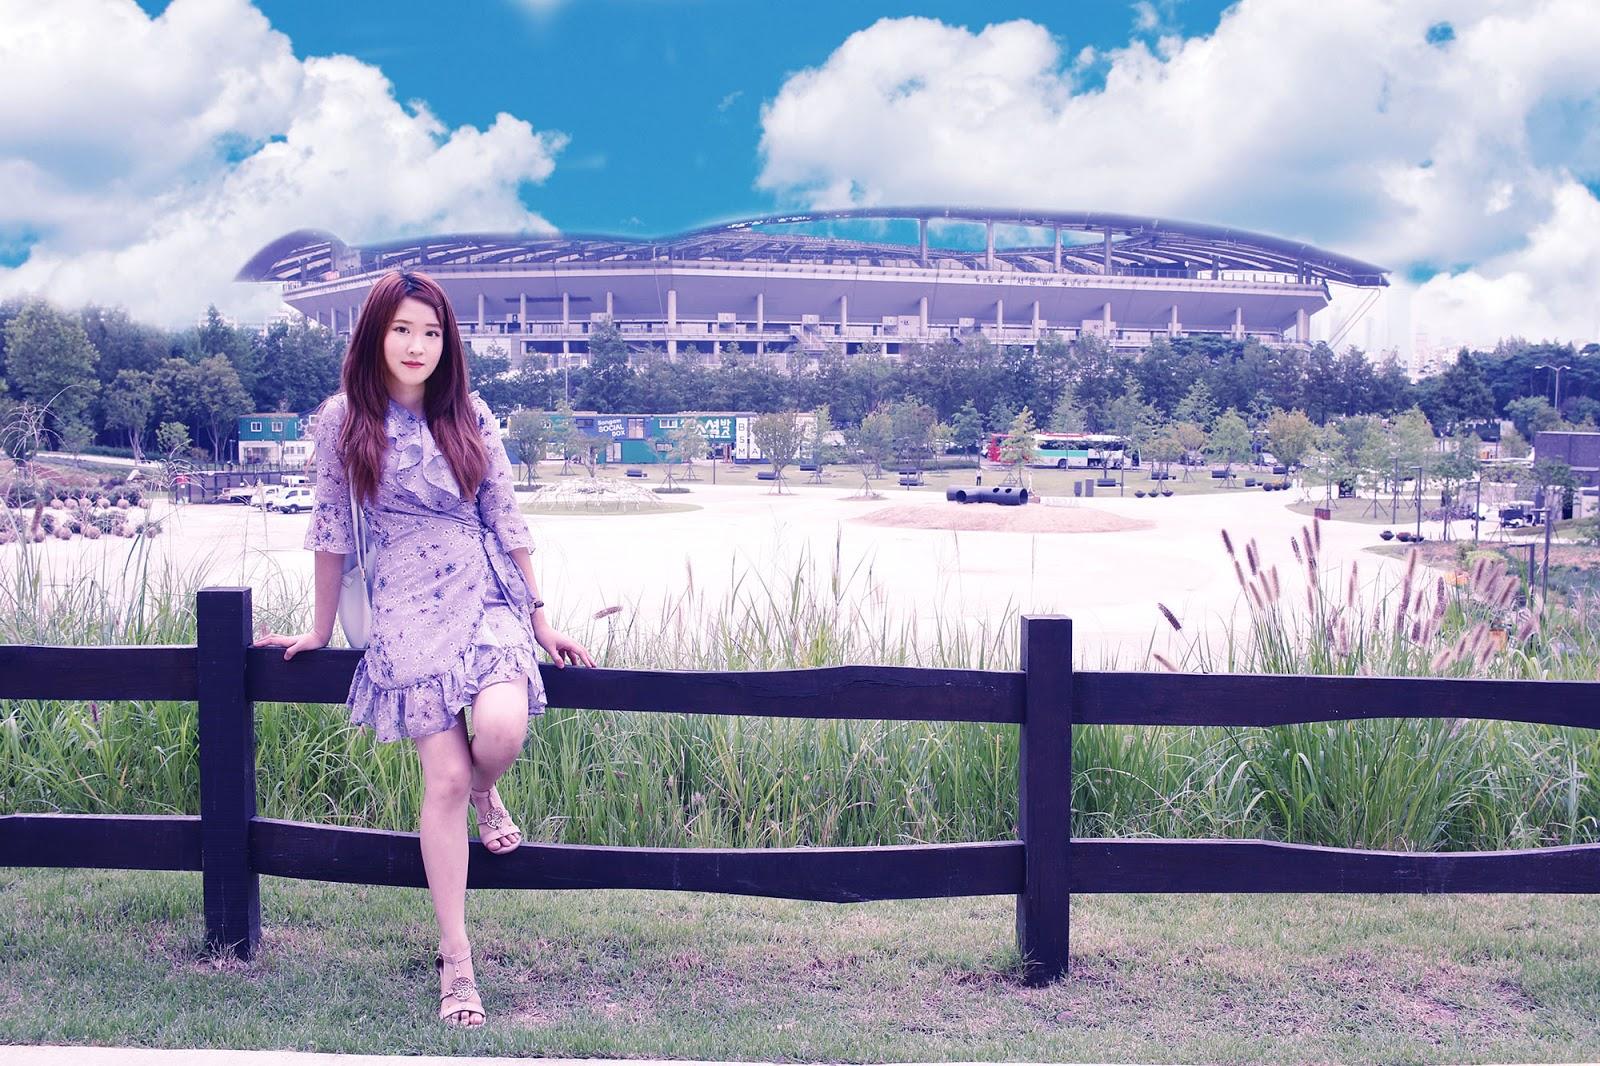 haneul park seoul travel